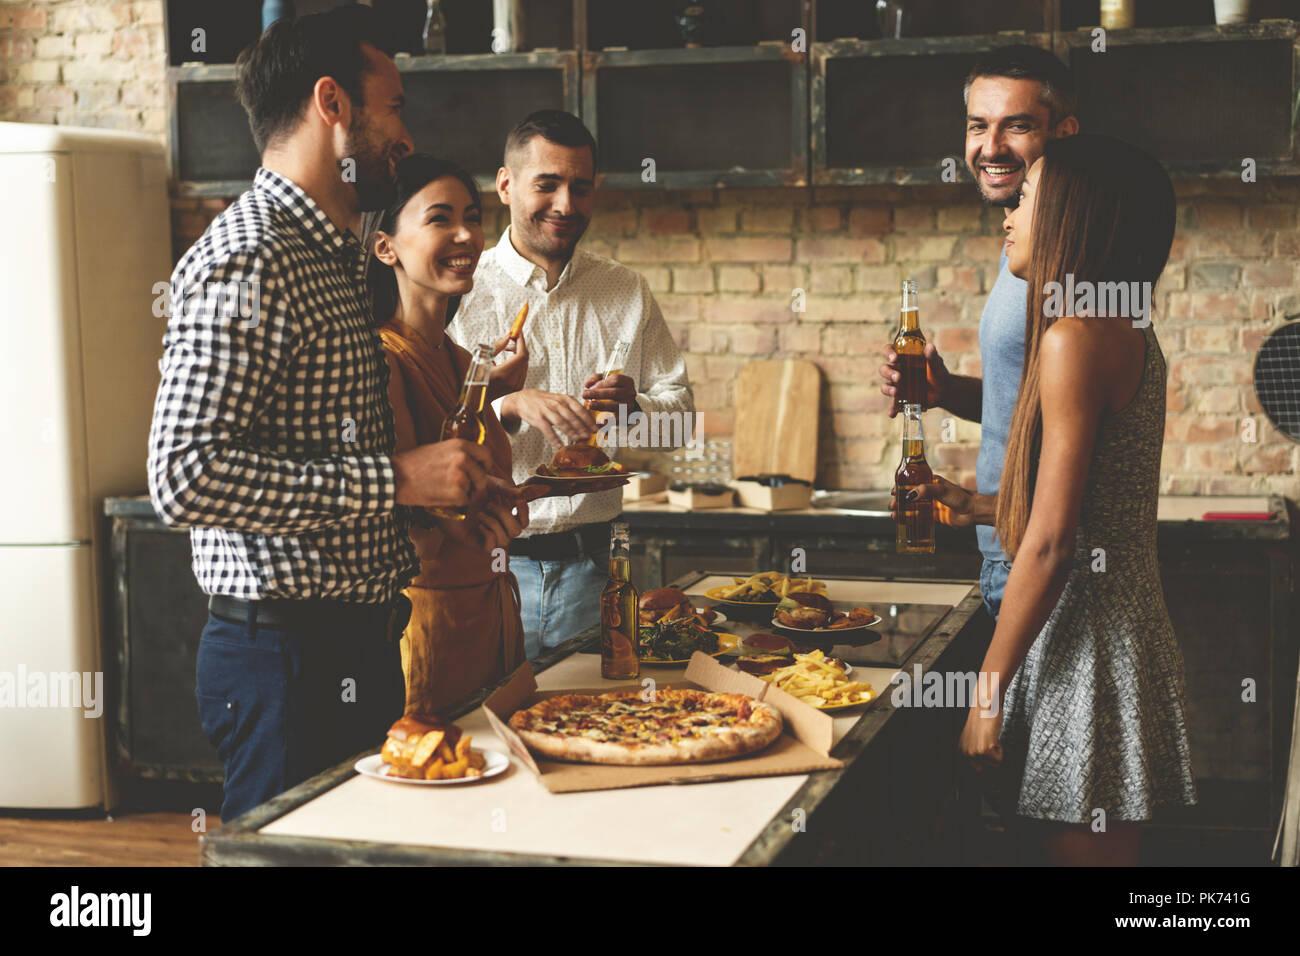 Home Party. Volle Länge des fröhlichen jungen Menschen genießen Home Party während der Kommunikation und essen Snacks auf der Küche. Stockbild